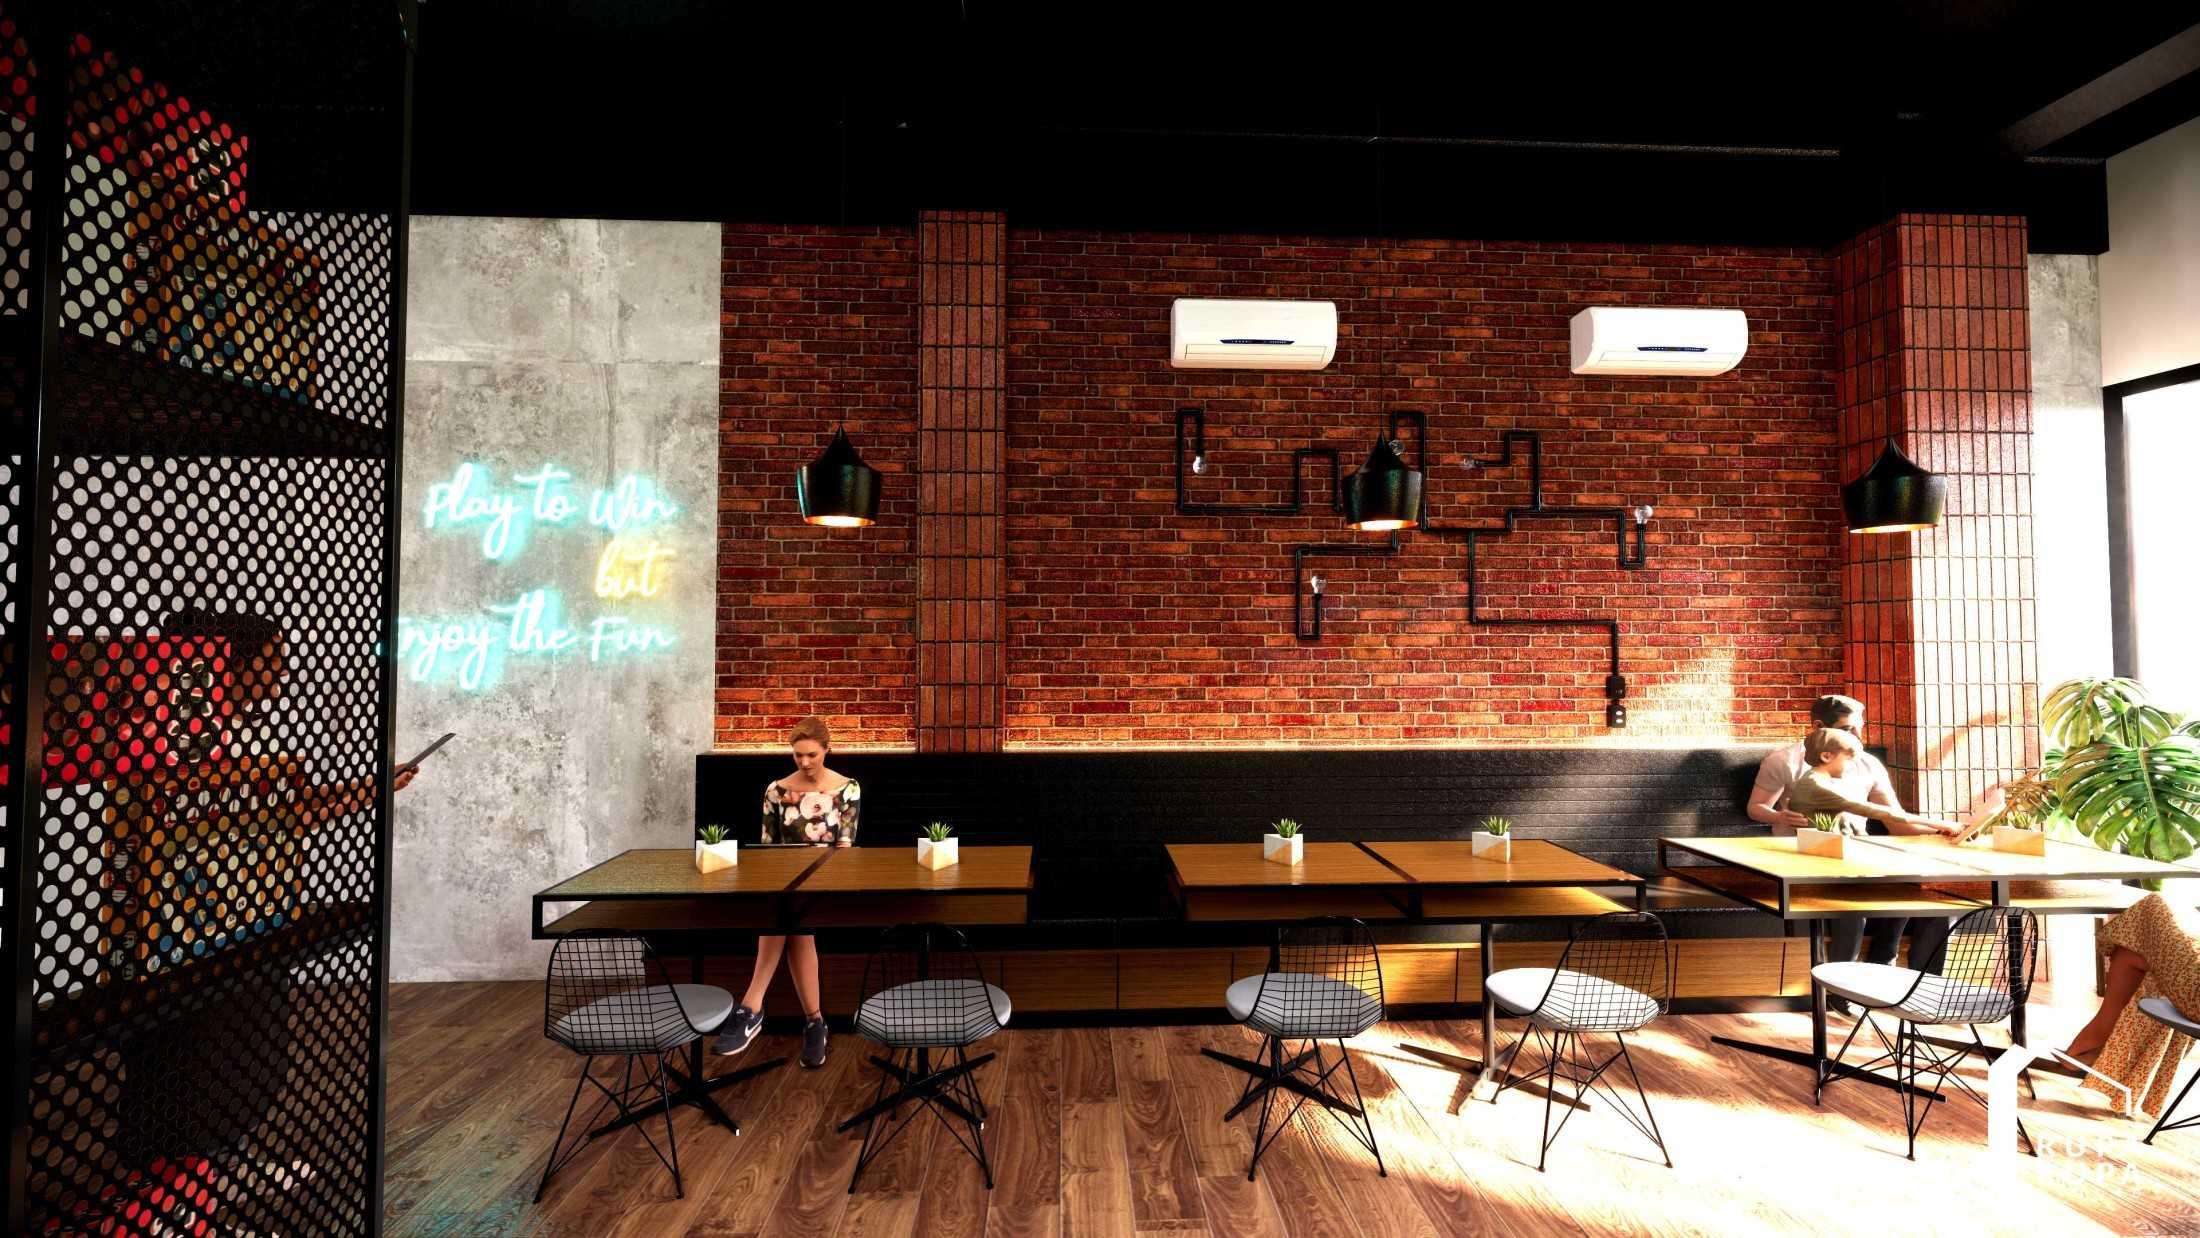 Jasa Interior Desainer Studio Rupa Rupa di Tabanan